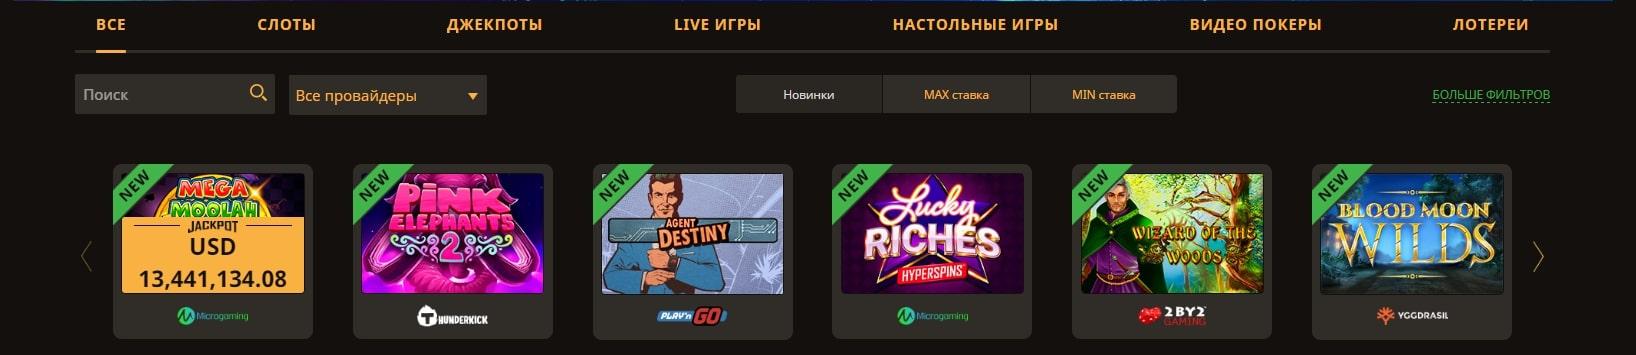 Плей фортуна казино играть на деньги игровые автоматы в ижевске адреса